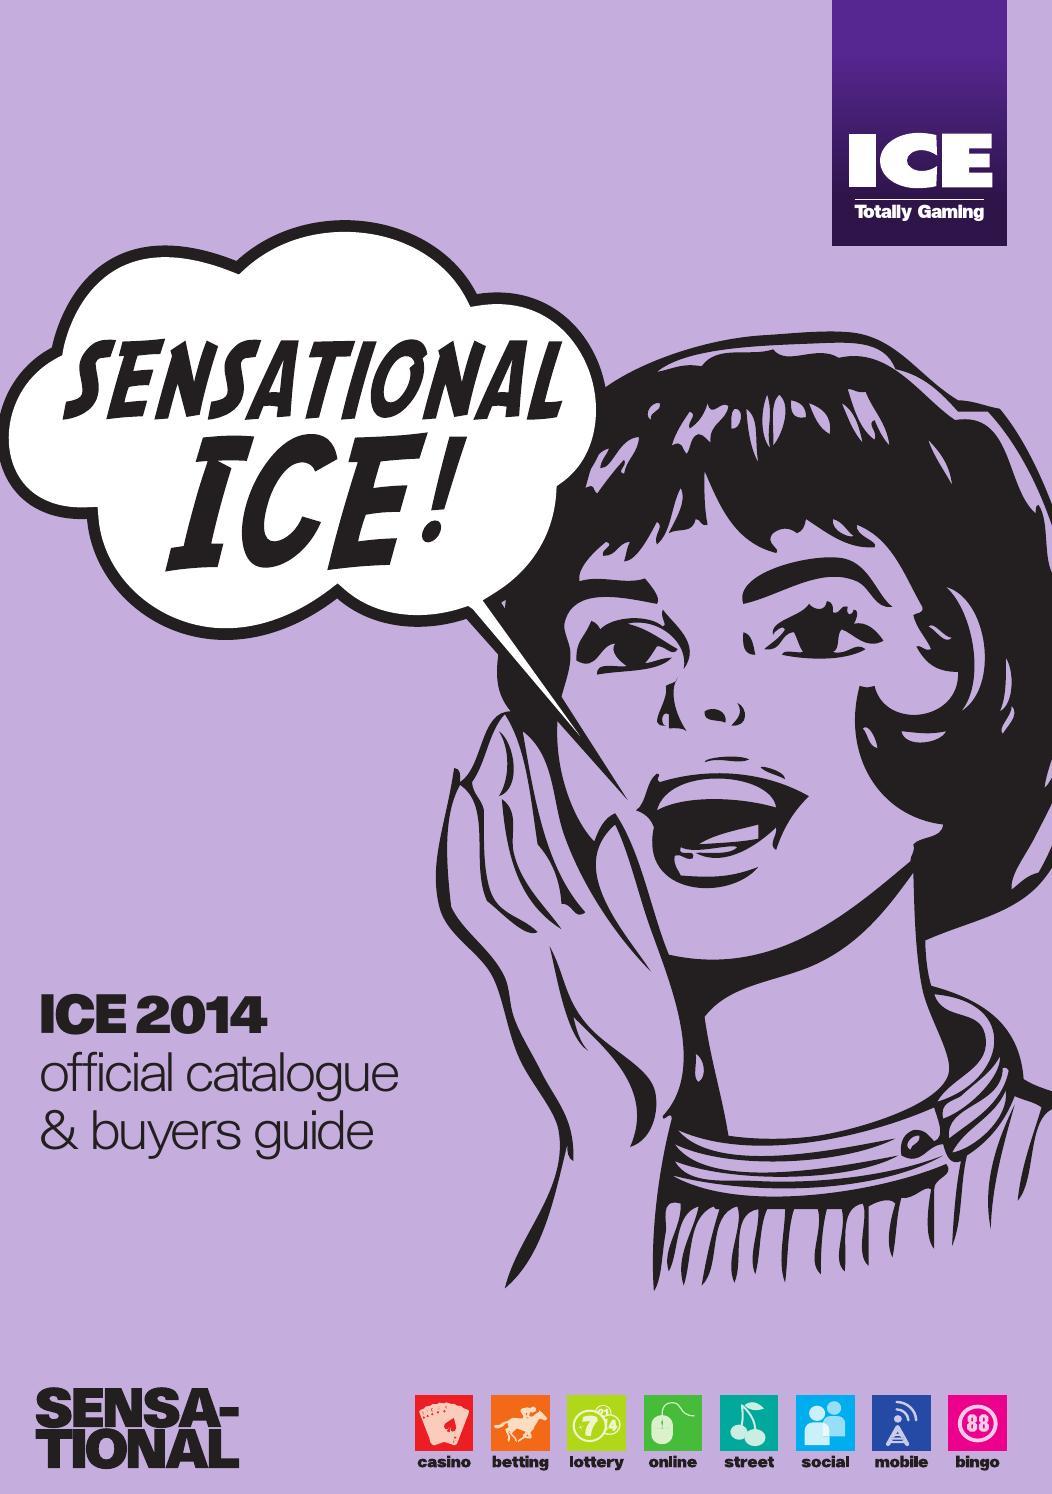 Ice Digital 2014 By Gb Media Corporation Issuu Brian Ellul Blog Airx New Controller